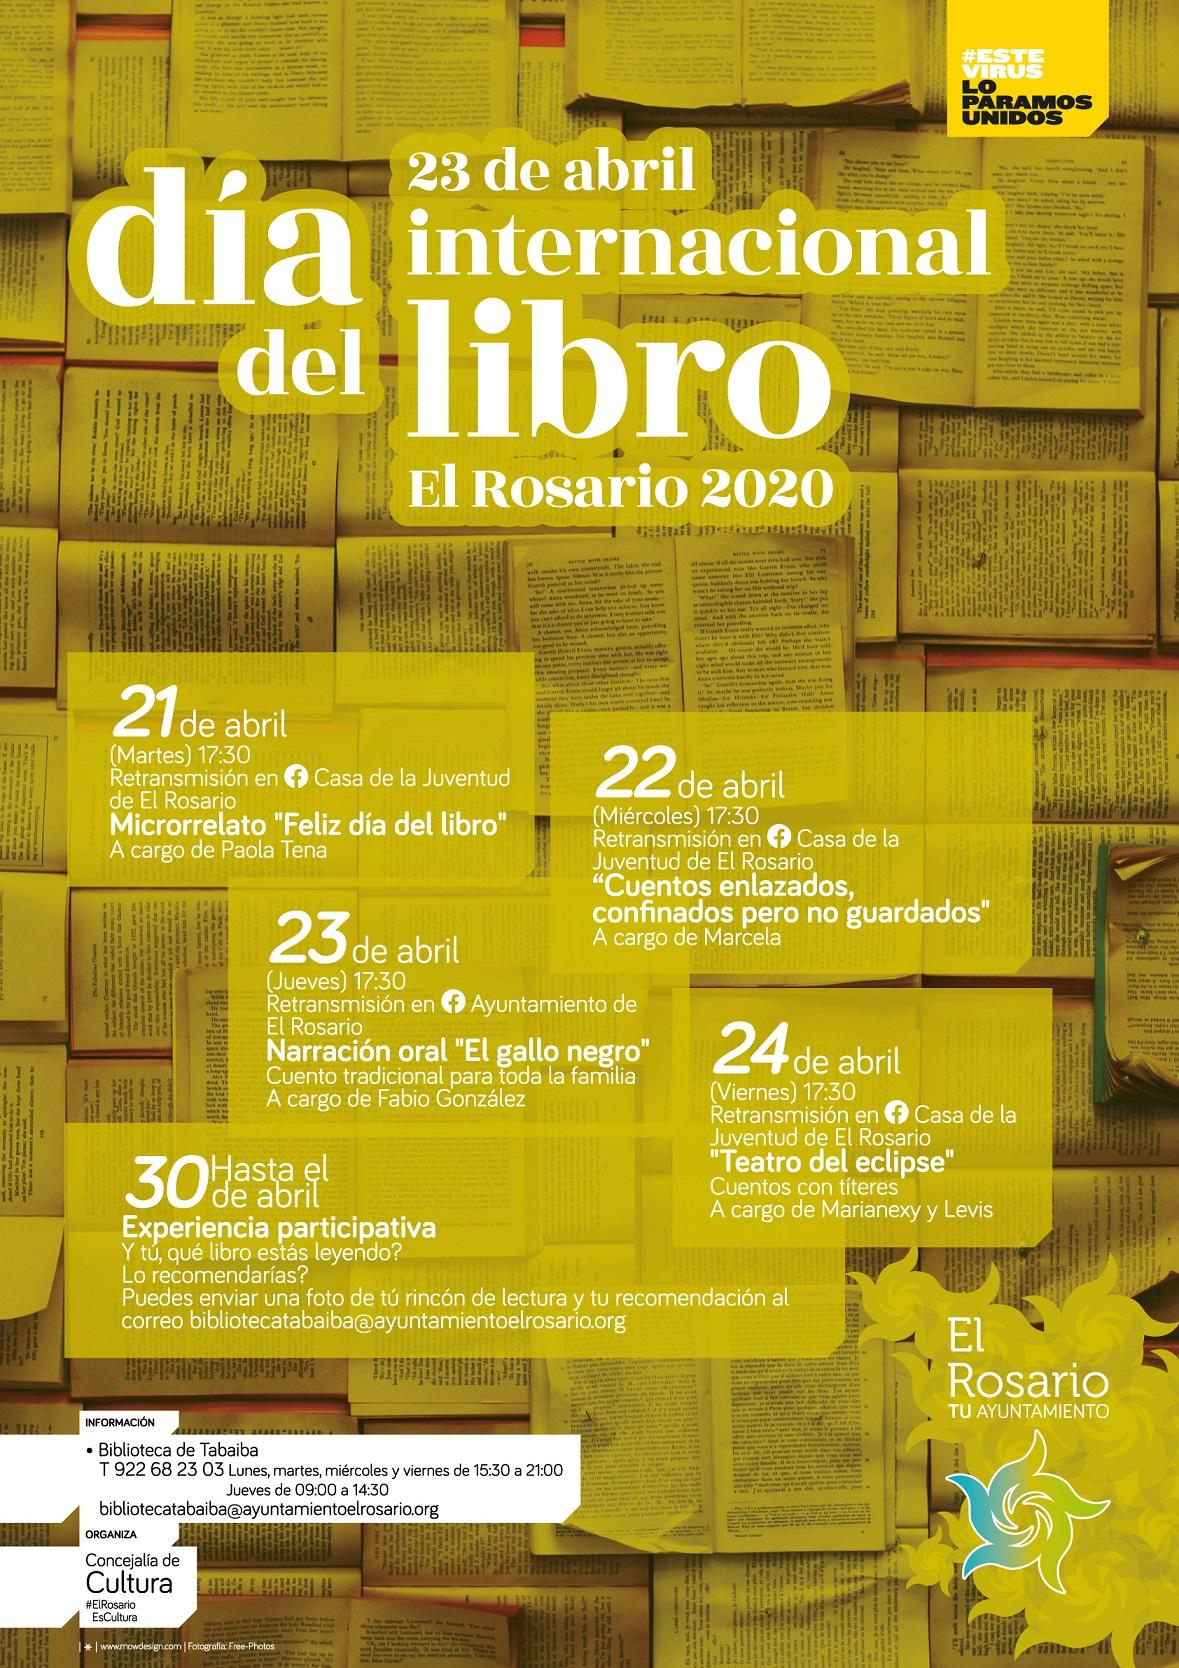 DIA_INTERNACIONAL_DEL_LIBRO-20200423-CARTEL_A3-20200421-03af-redes - copia